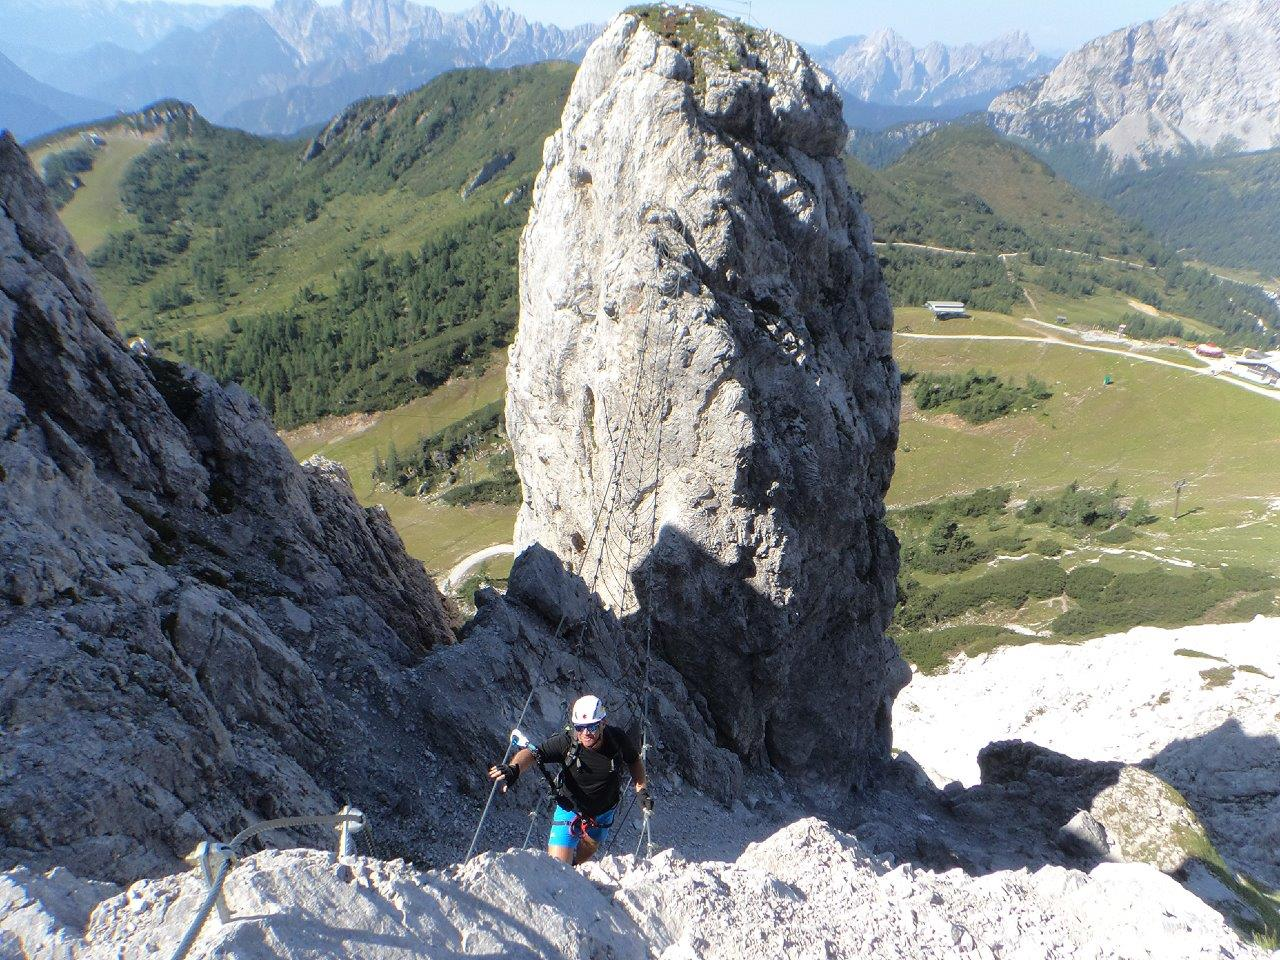 Klettersteig Däumling : Aufdiebergbinigern: däumling klettersteig auf den gartnerkofel